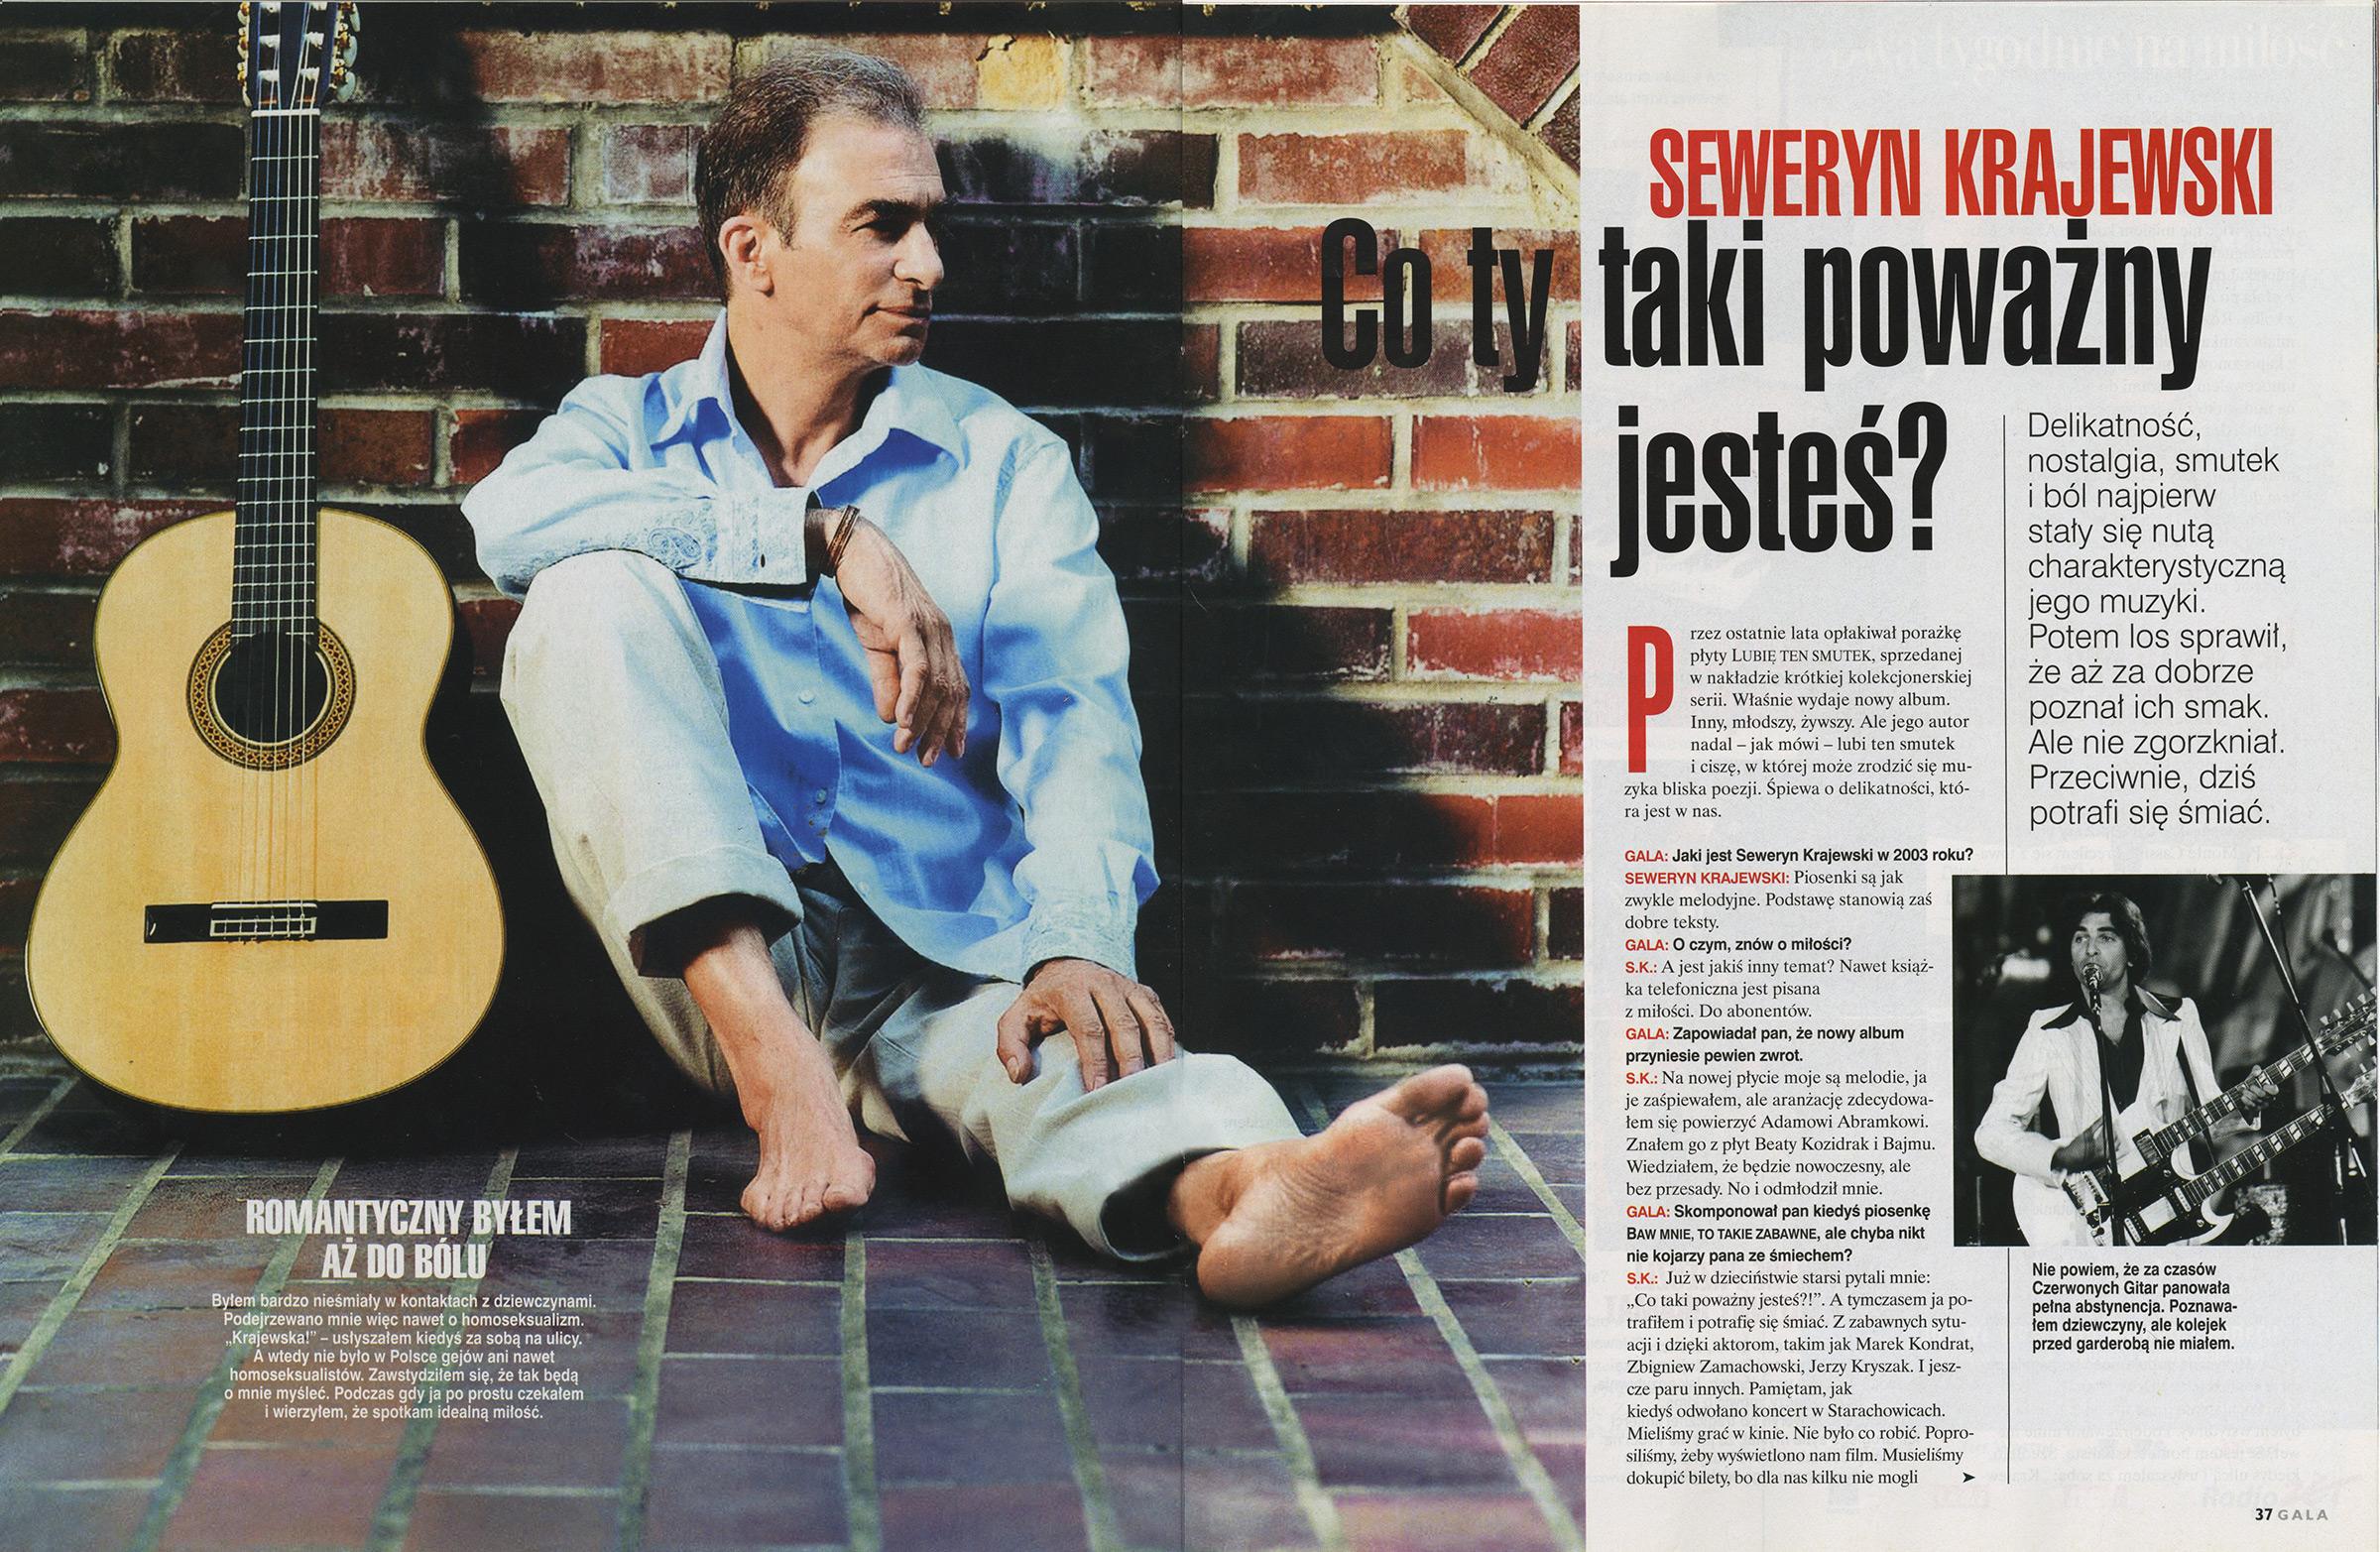 1991-2003-Gala_2003_Romantyczny_bylem_az_do_bolu_1